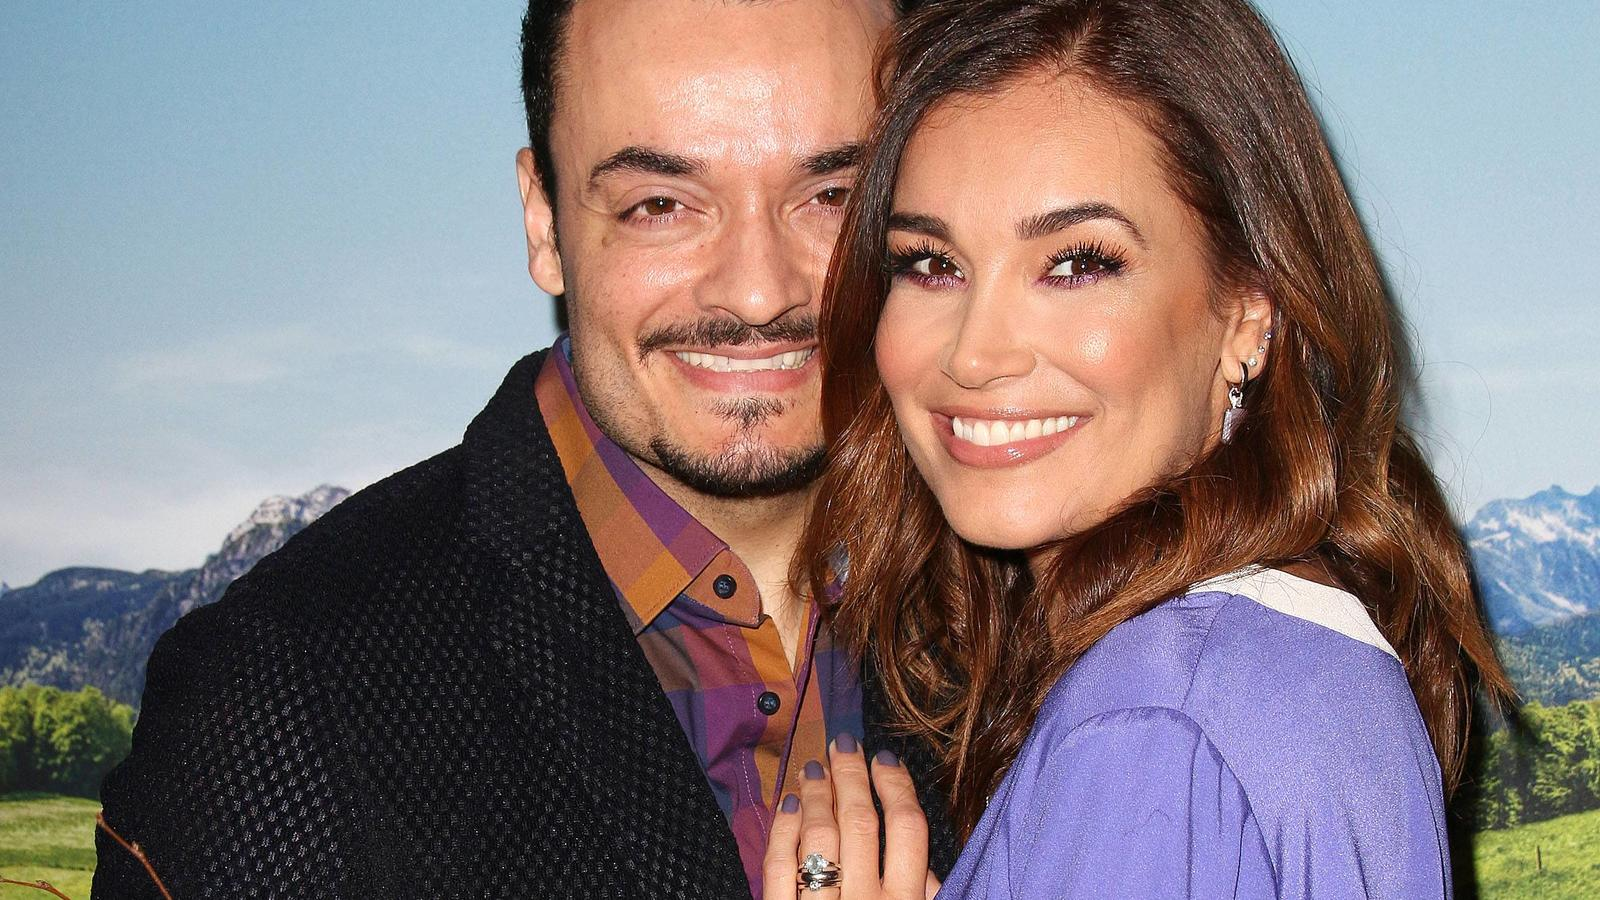 Giovanni und Jana Ina Zarrella wollen sich nochmal das Jawort geben.